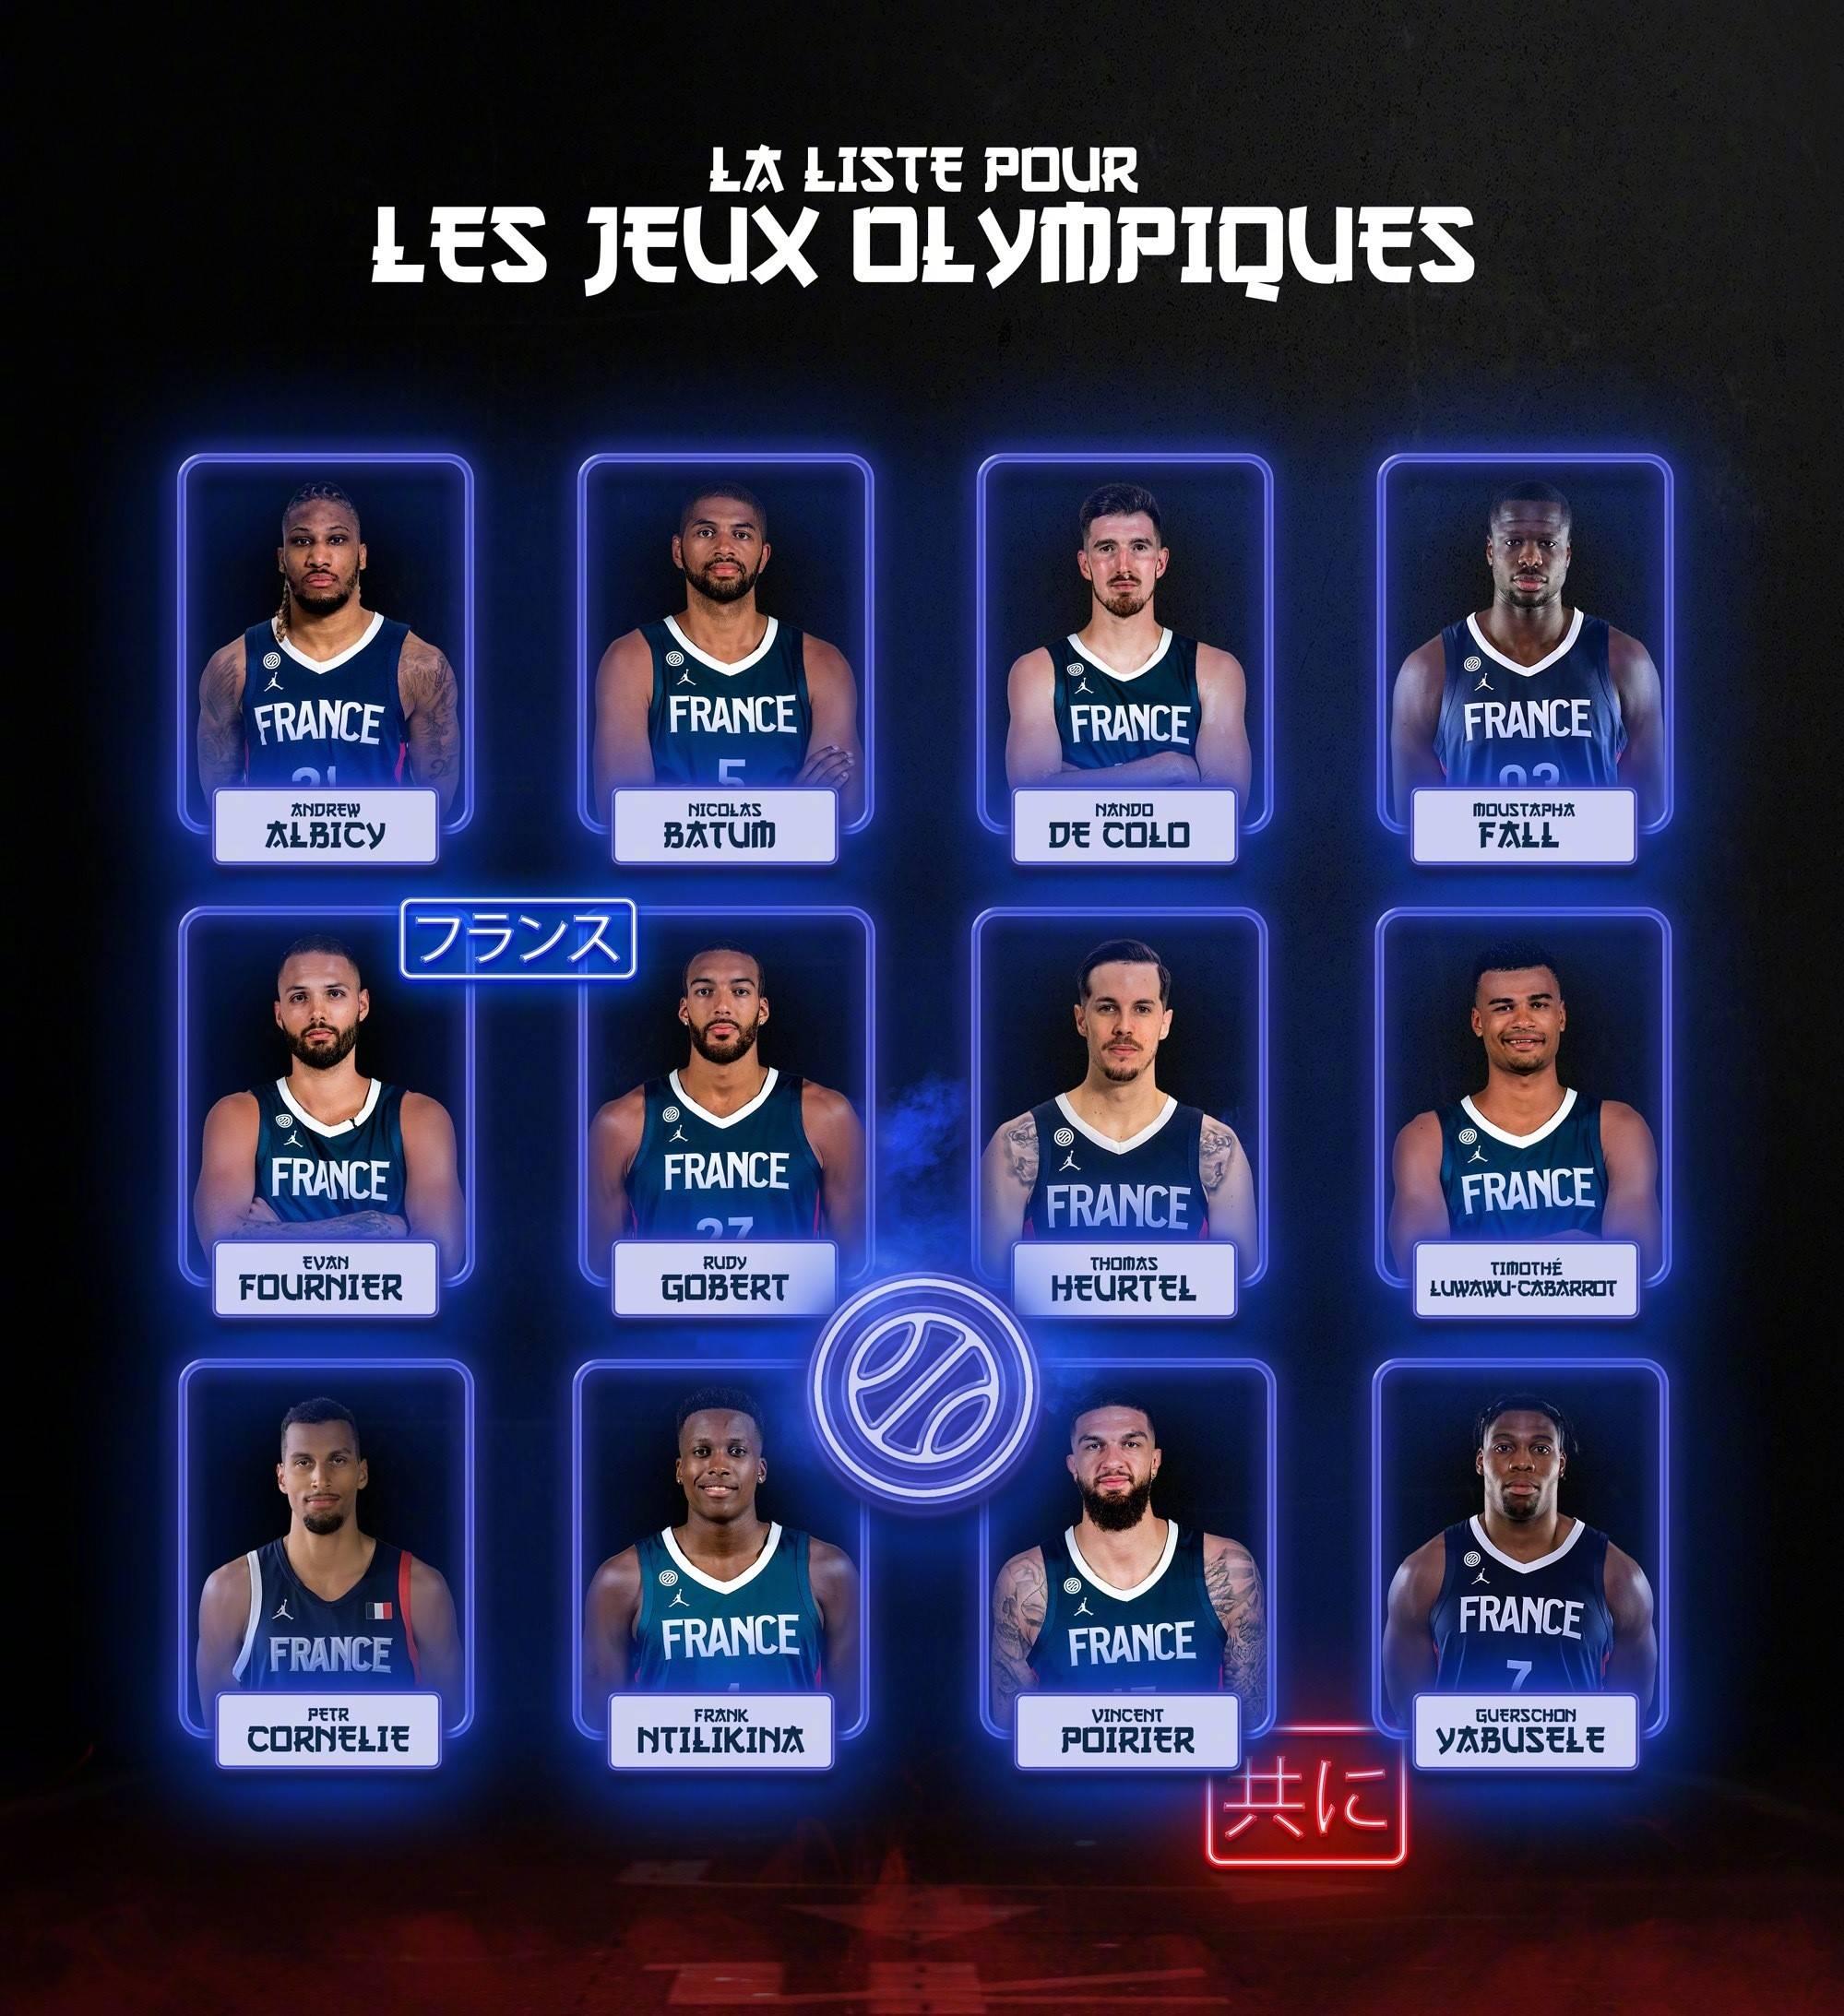 法国男篮公布奥运会名单:戈贝尔巴图姆领衔